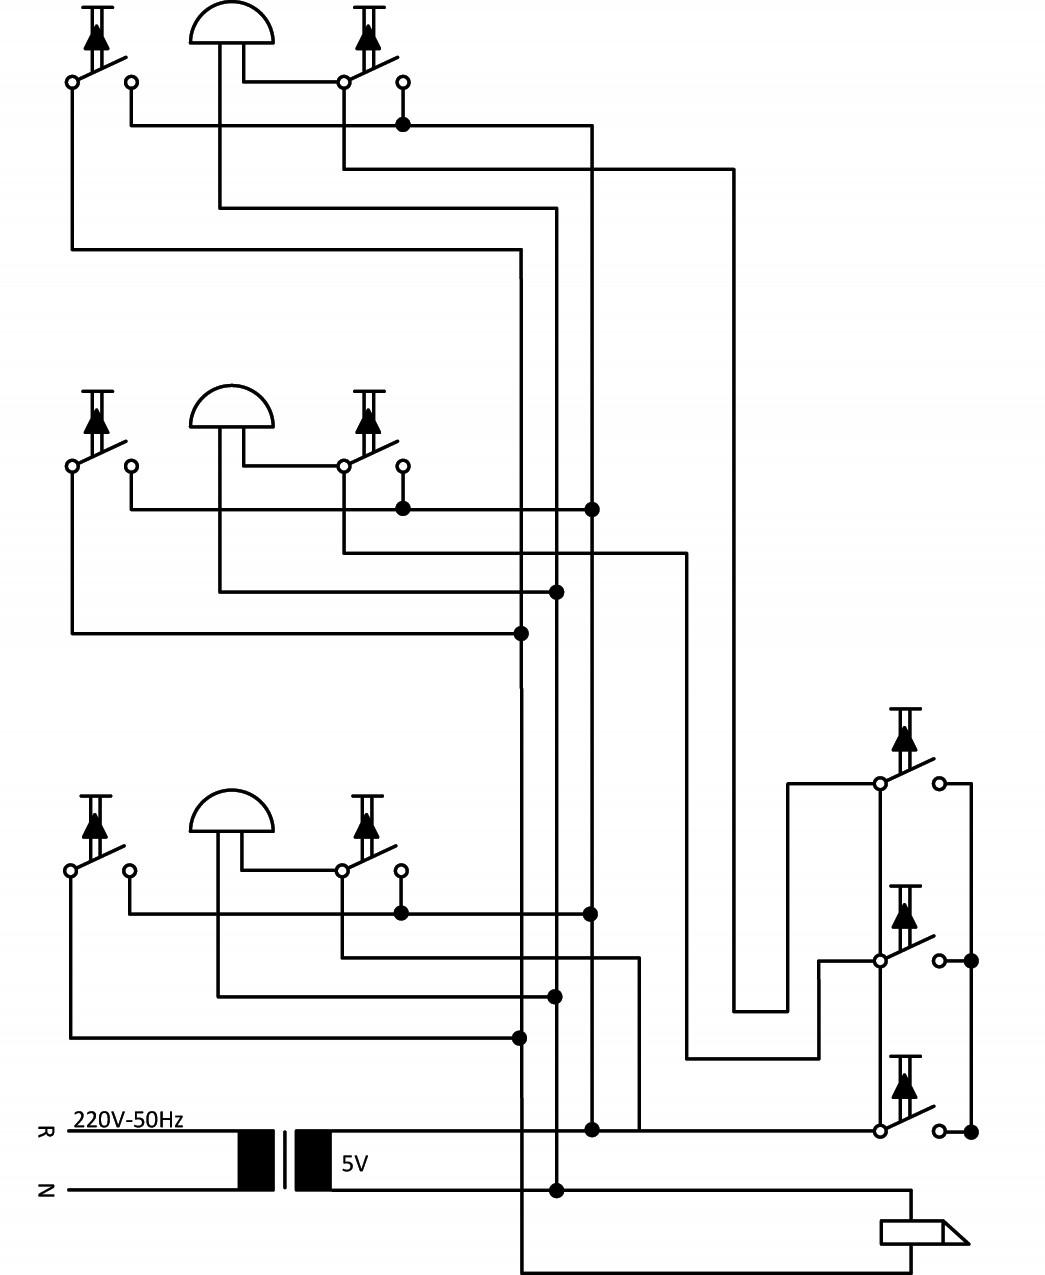 Σχήμα 6.45: Πολυγραμμικό σχέδιο συνδεσμολογίας γραμμής ηλεκτρικών κουδουνιών και ηλεκτρικής κλειδαριάς.